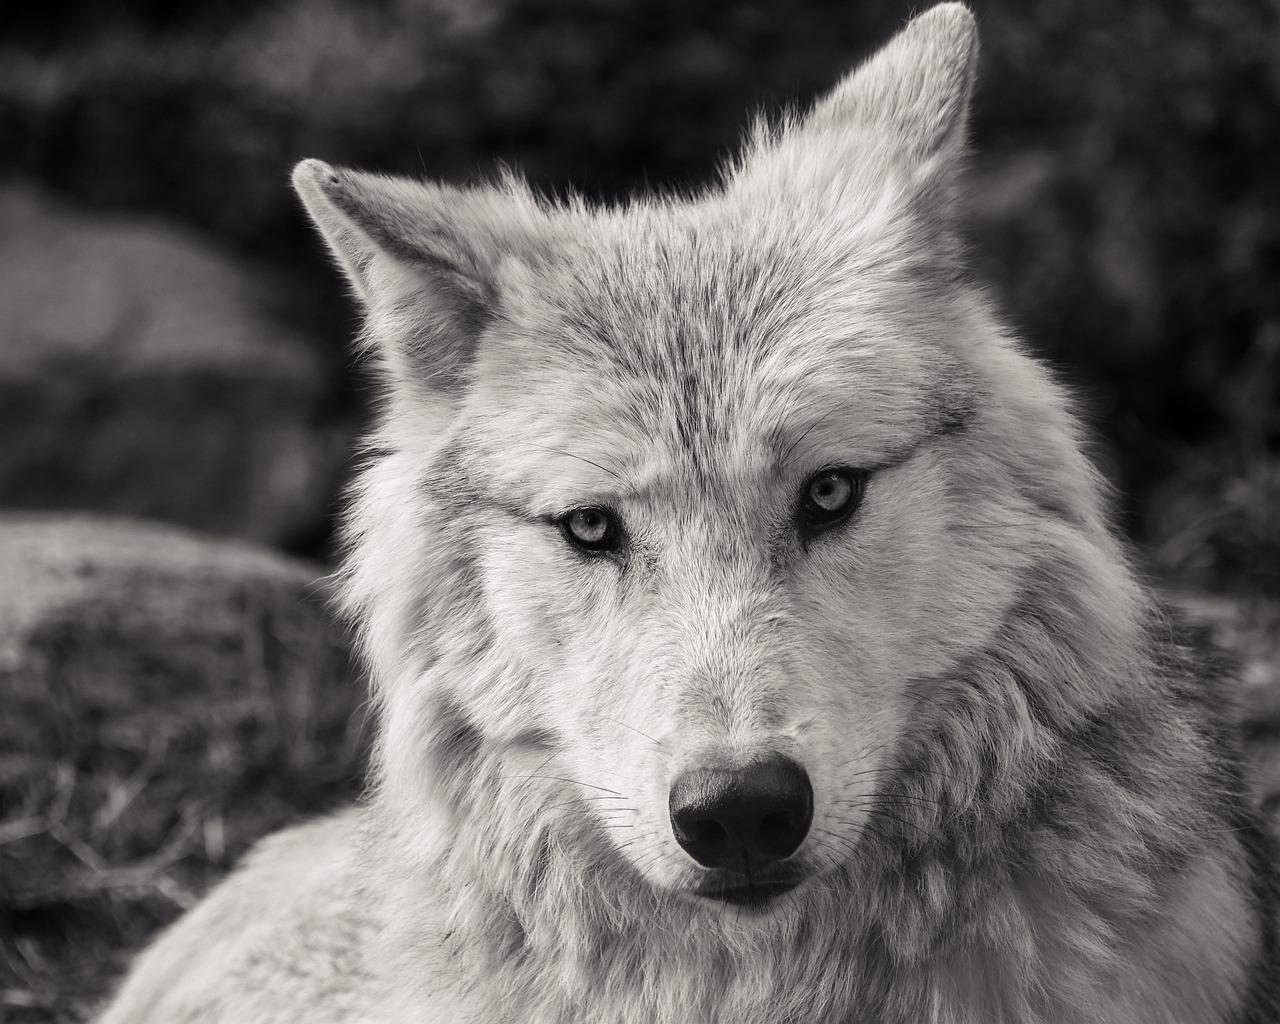 рассказываем волк черный и белый картинки единственная